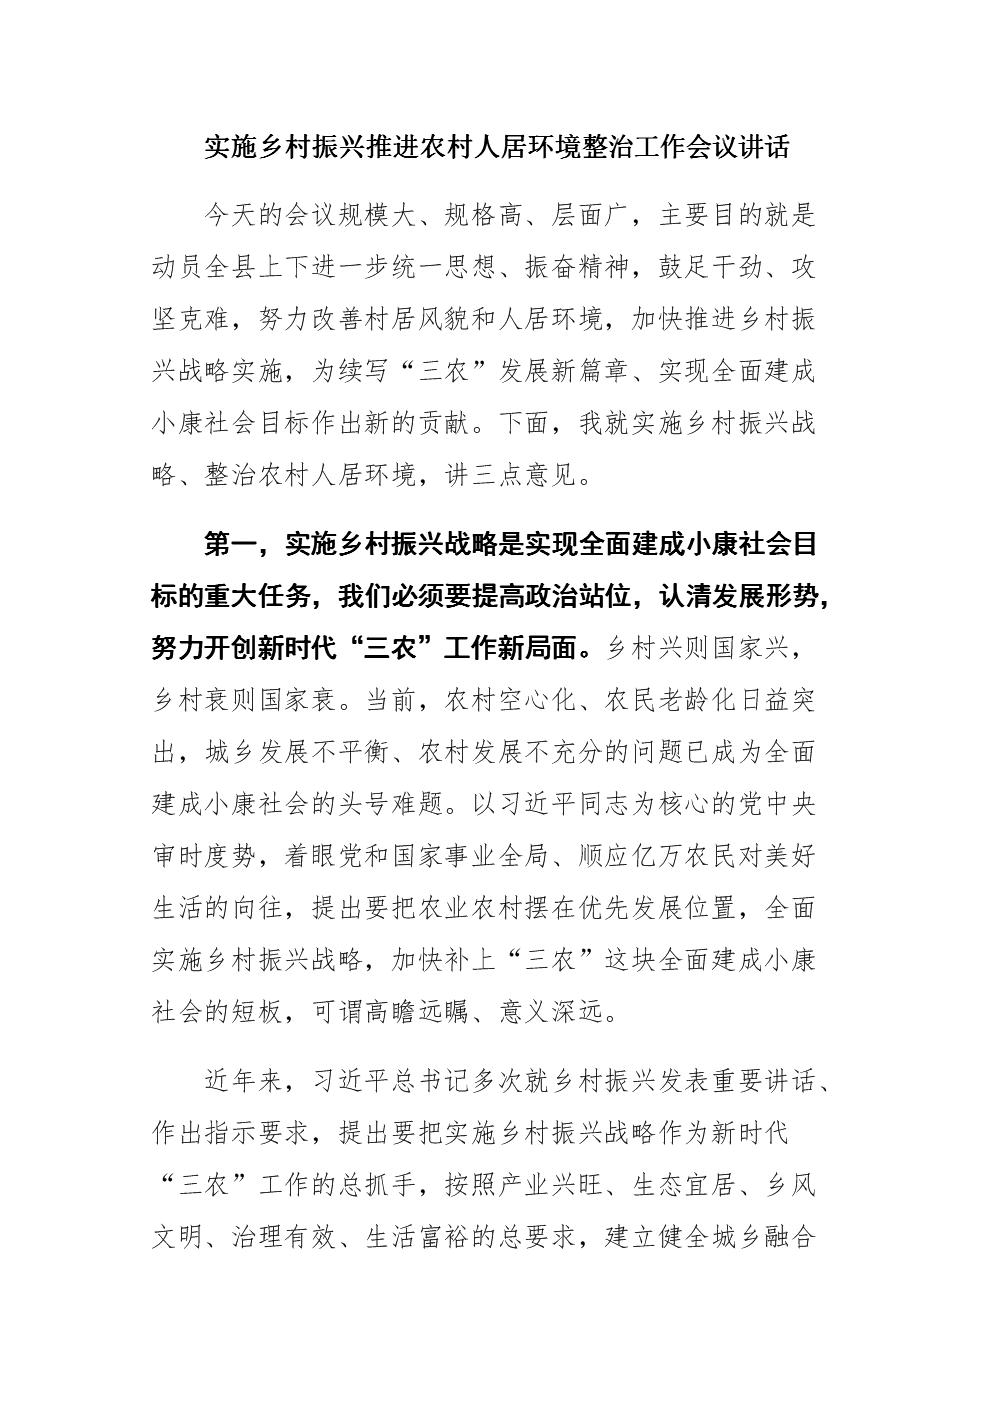 实施乡村振兴推进农村人居环境整治工作会议讲话.docx